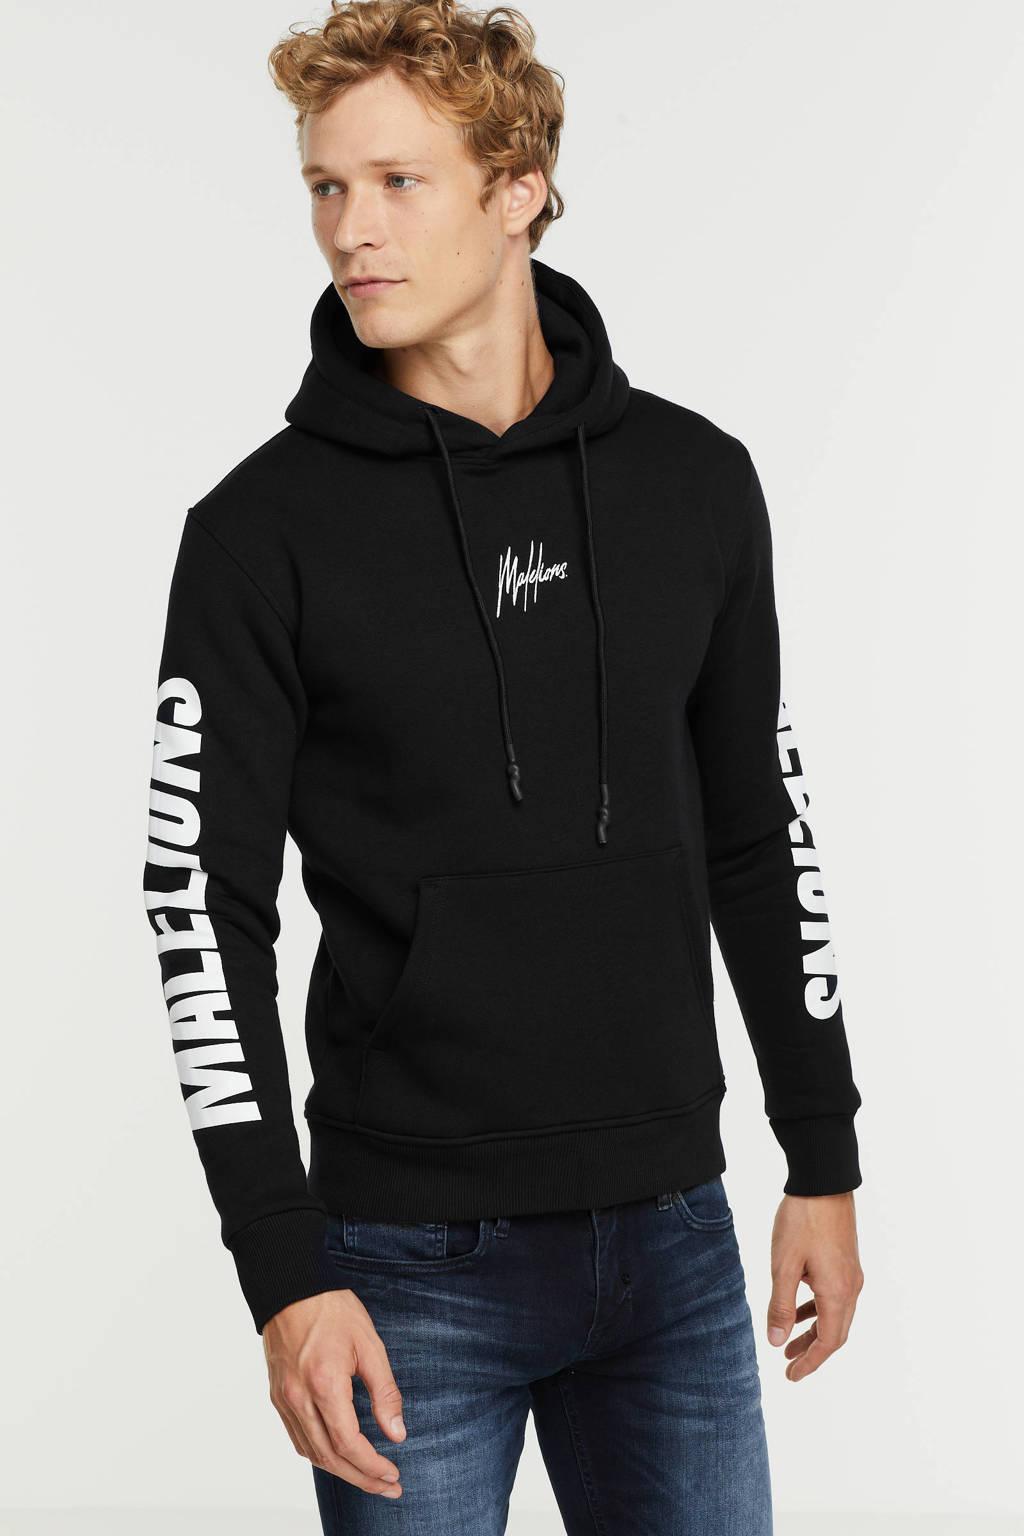 Malelions hoodie met logo 314 - navy, 314 - Navy